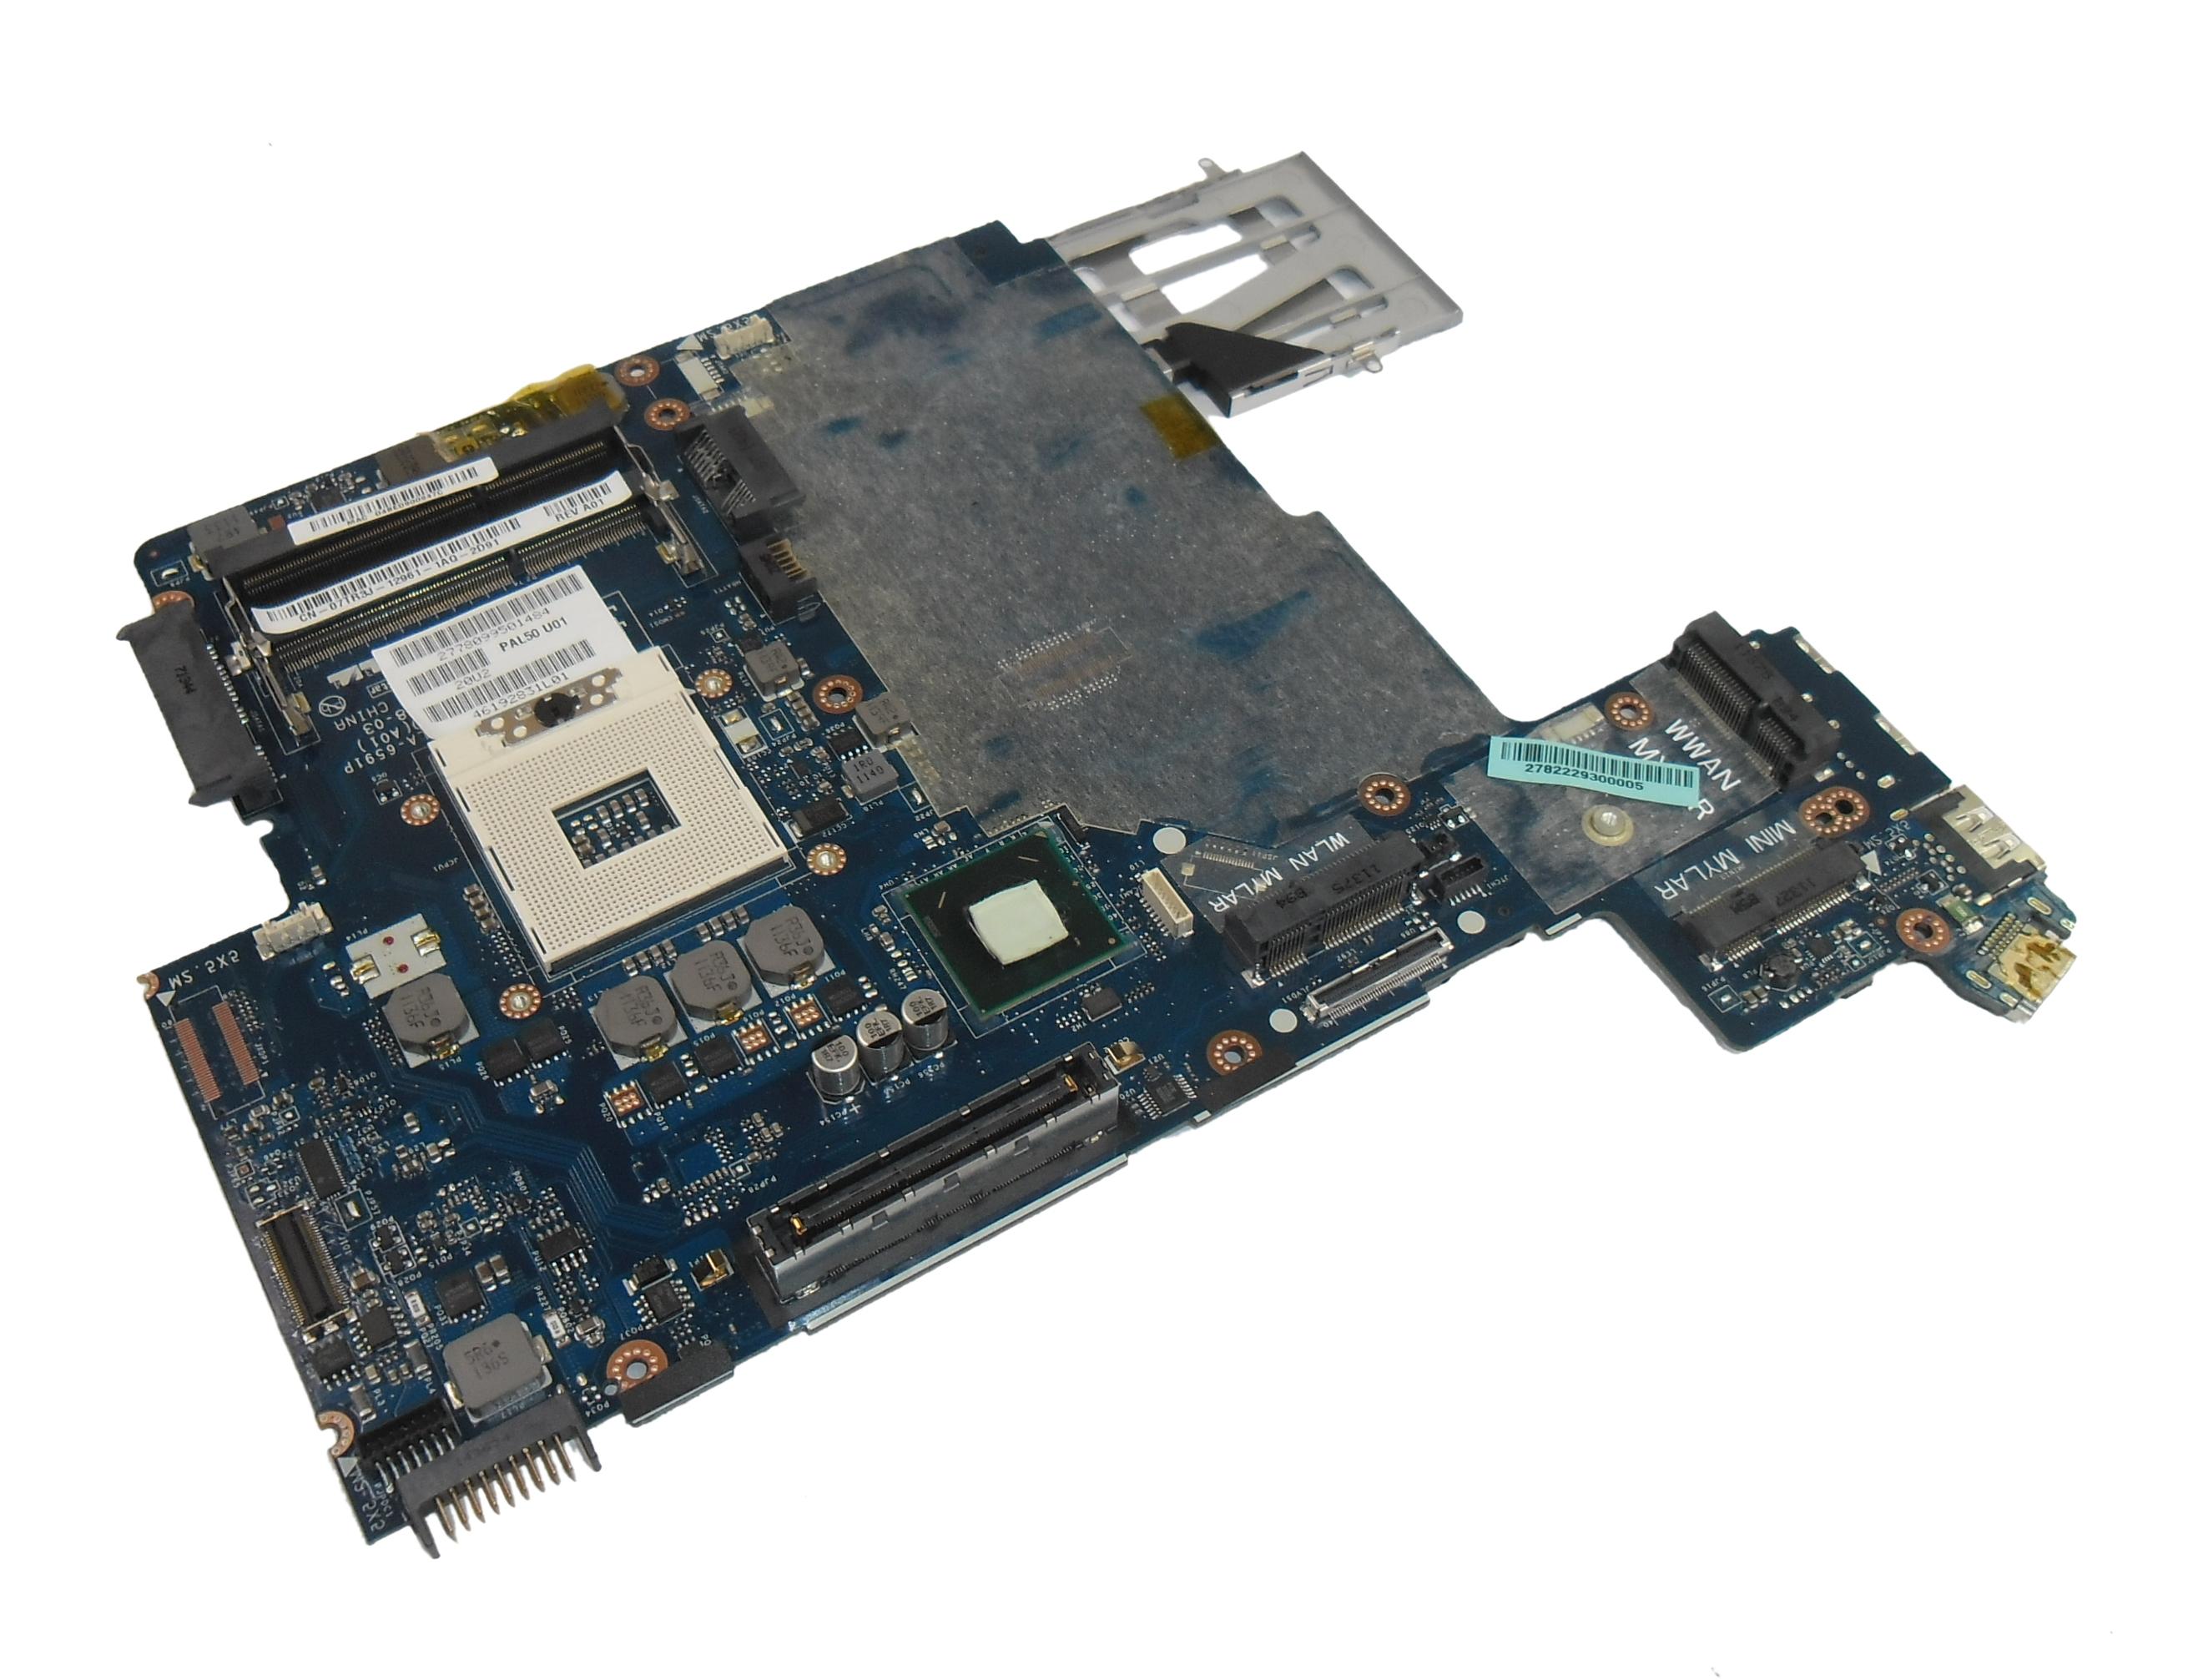 Dell latitude e6420 Network drivers